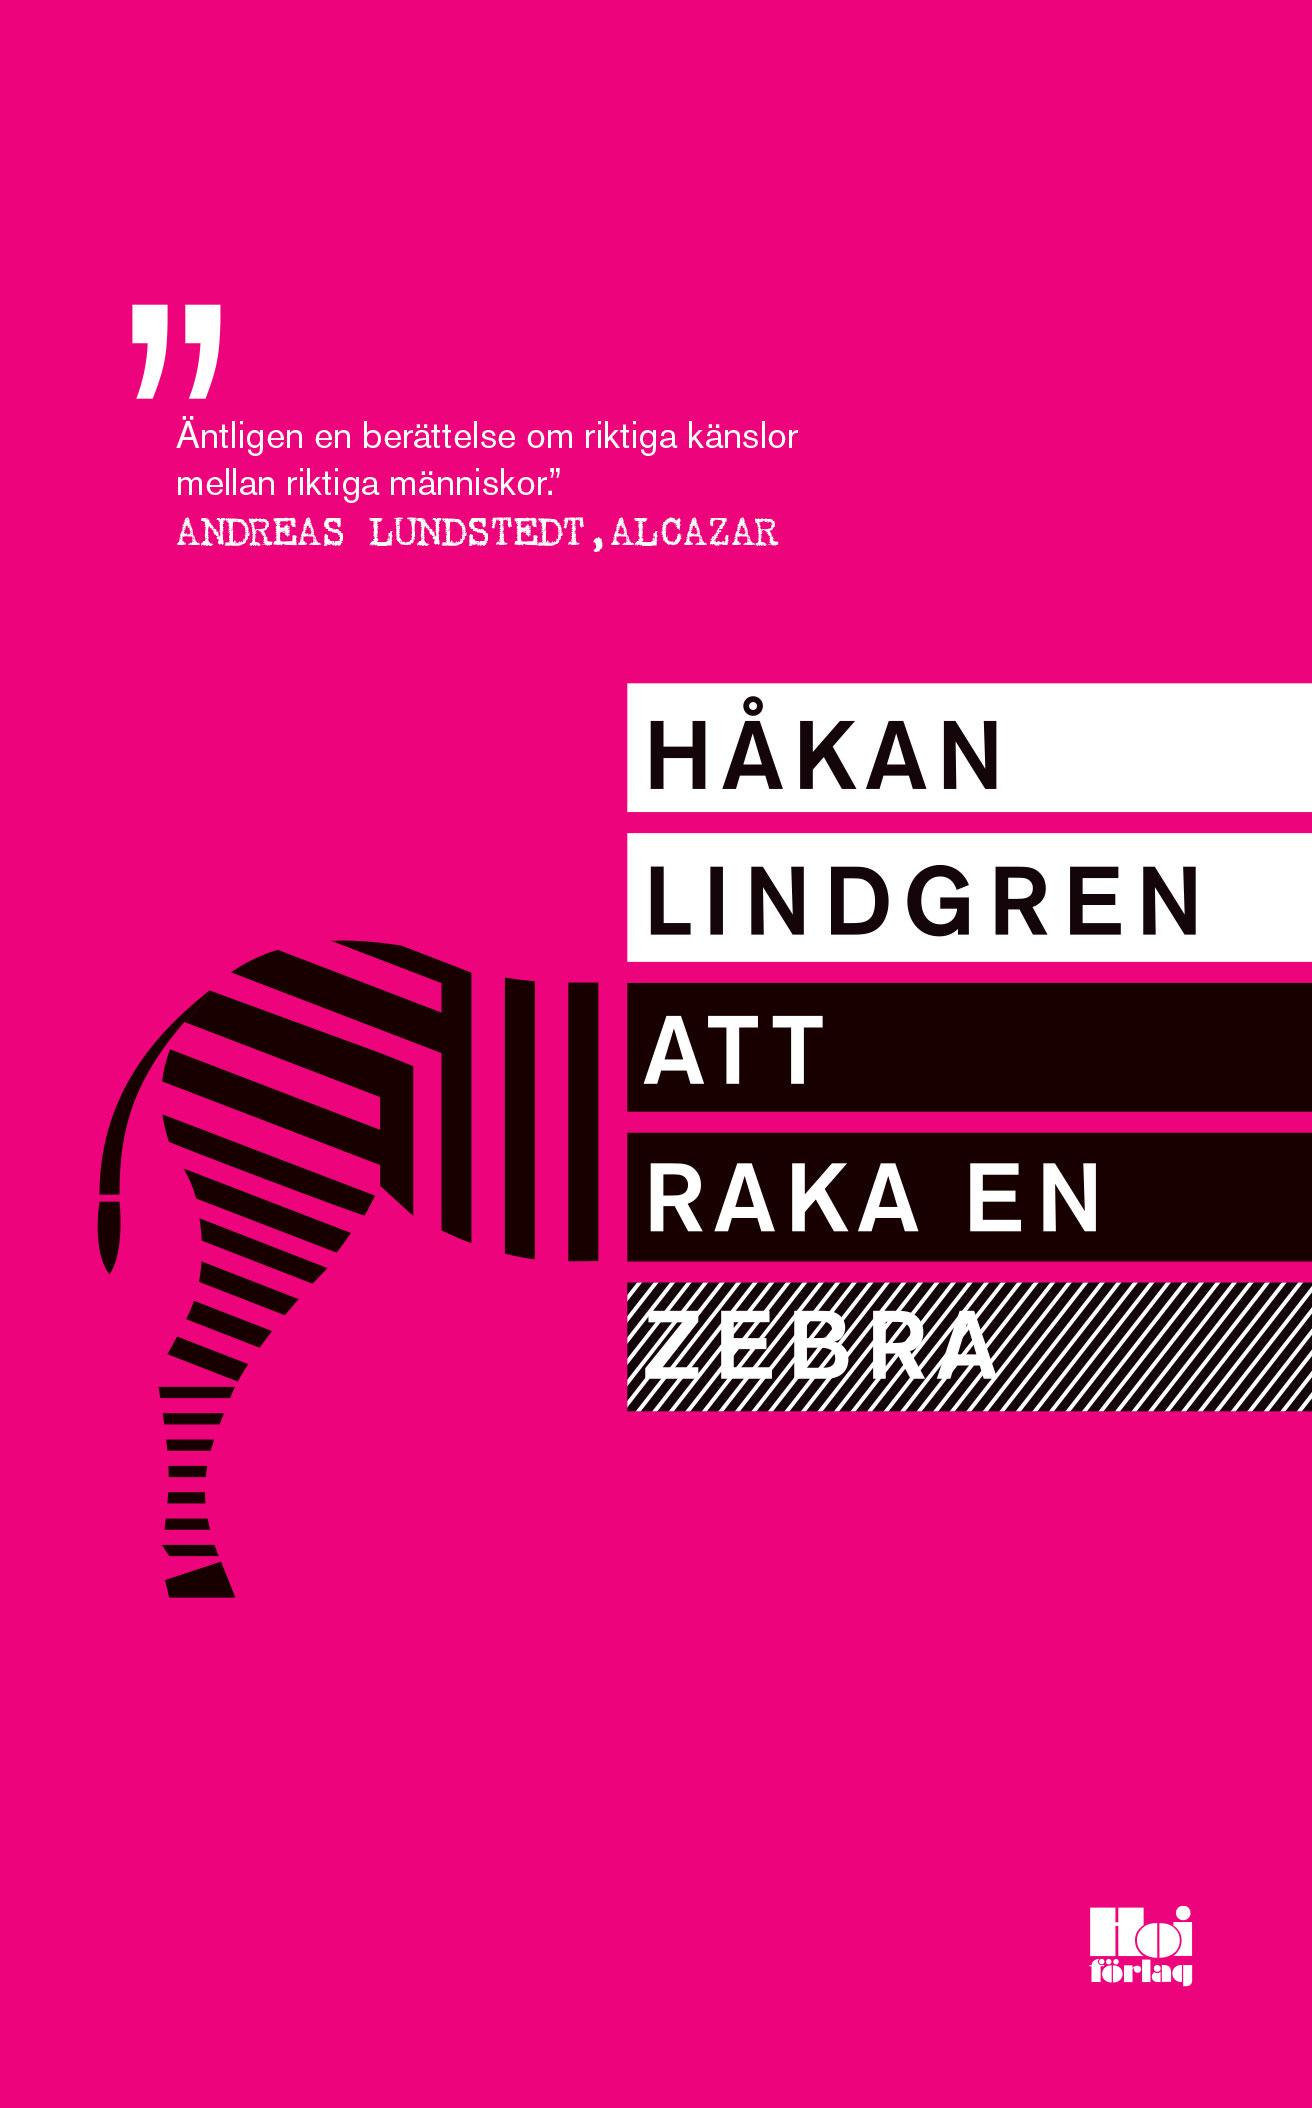 Att raka en zebra av Håkan Lindgren